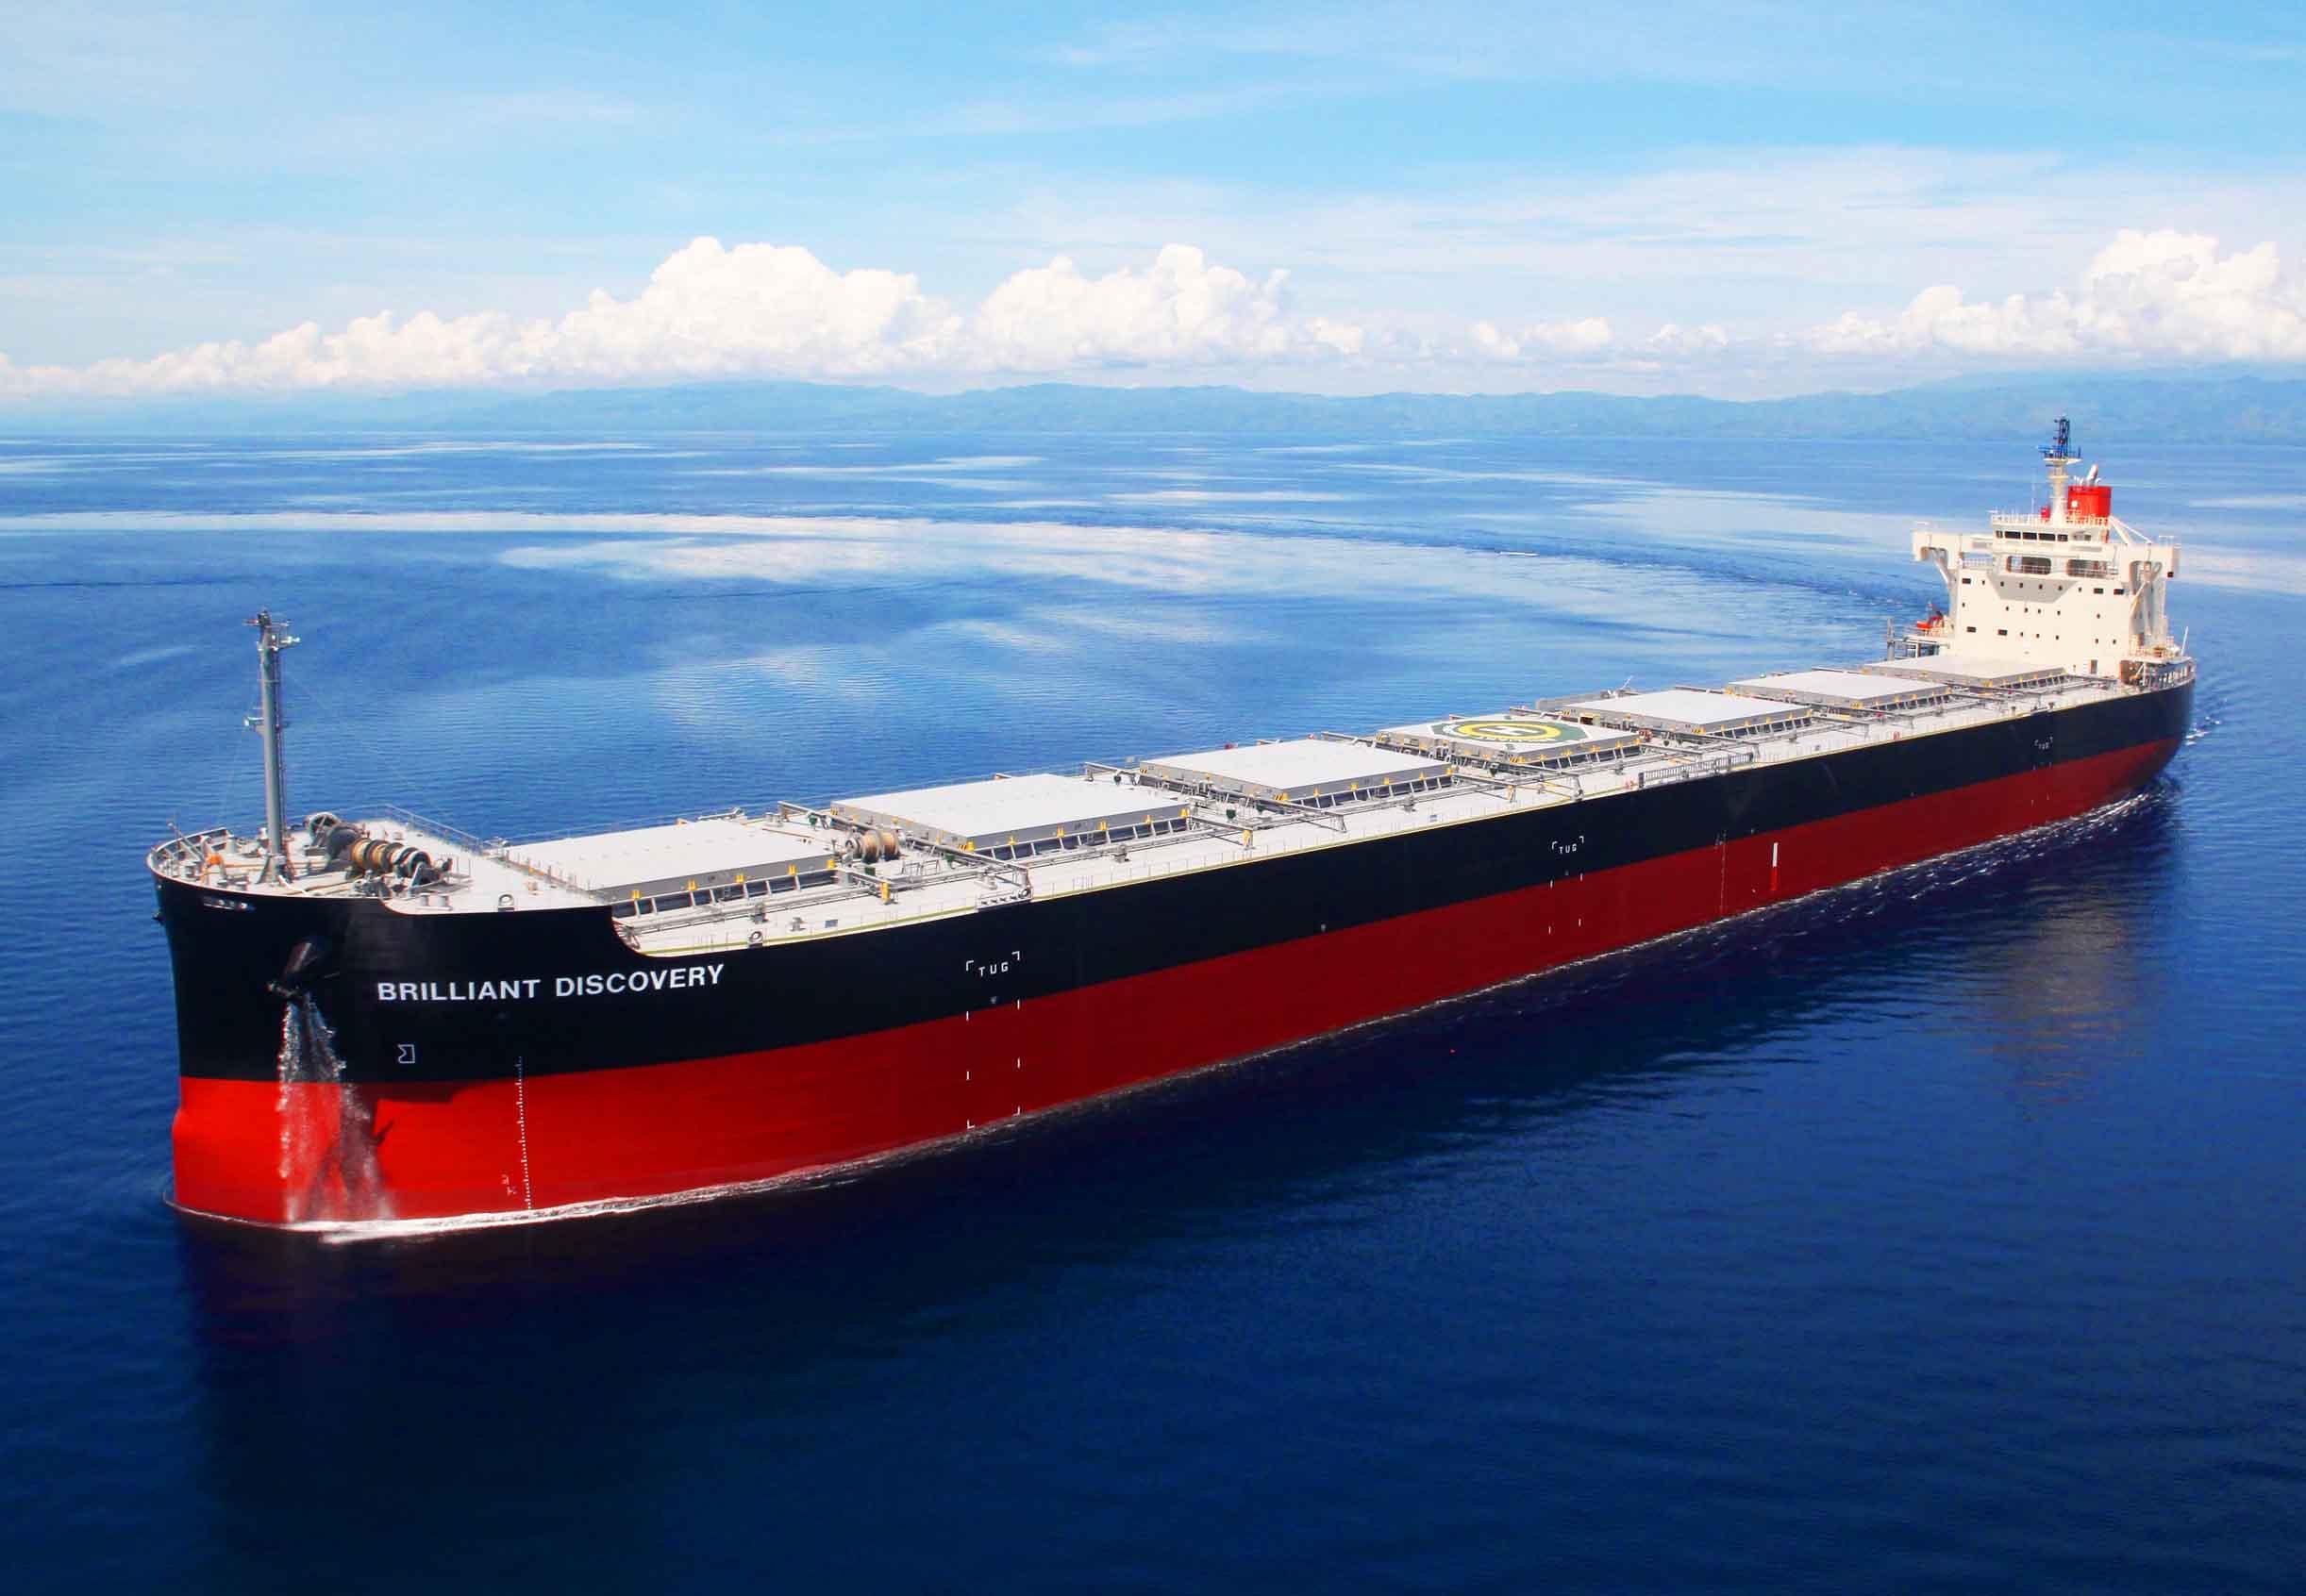 """常石造船海外集团公司的TSUNEISHI HEAVY INDUSTRIES (CEBU), Inc.于本月建成、交付了""""卡姆萨型散装货物船""""系列船的第193艘船舶"""